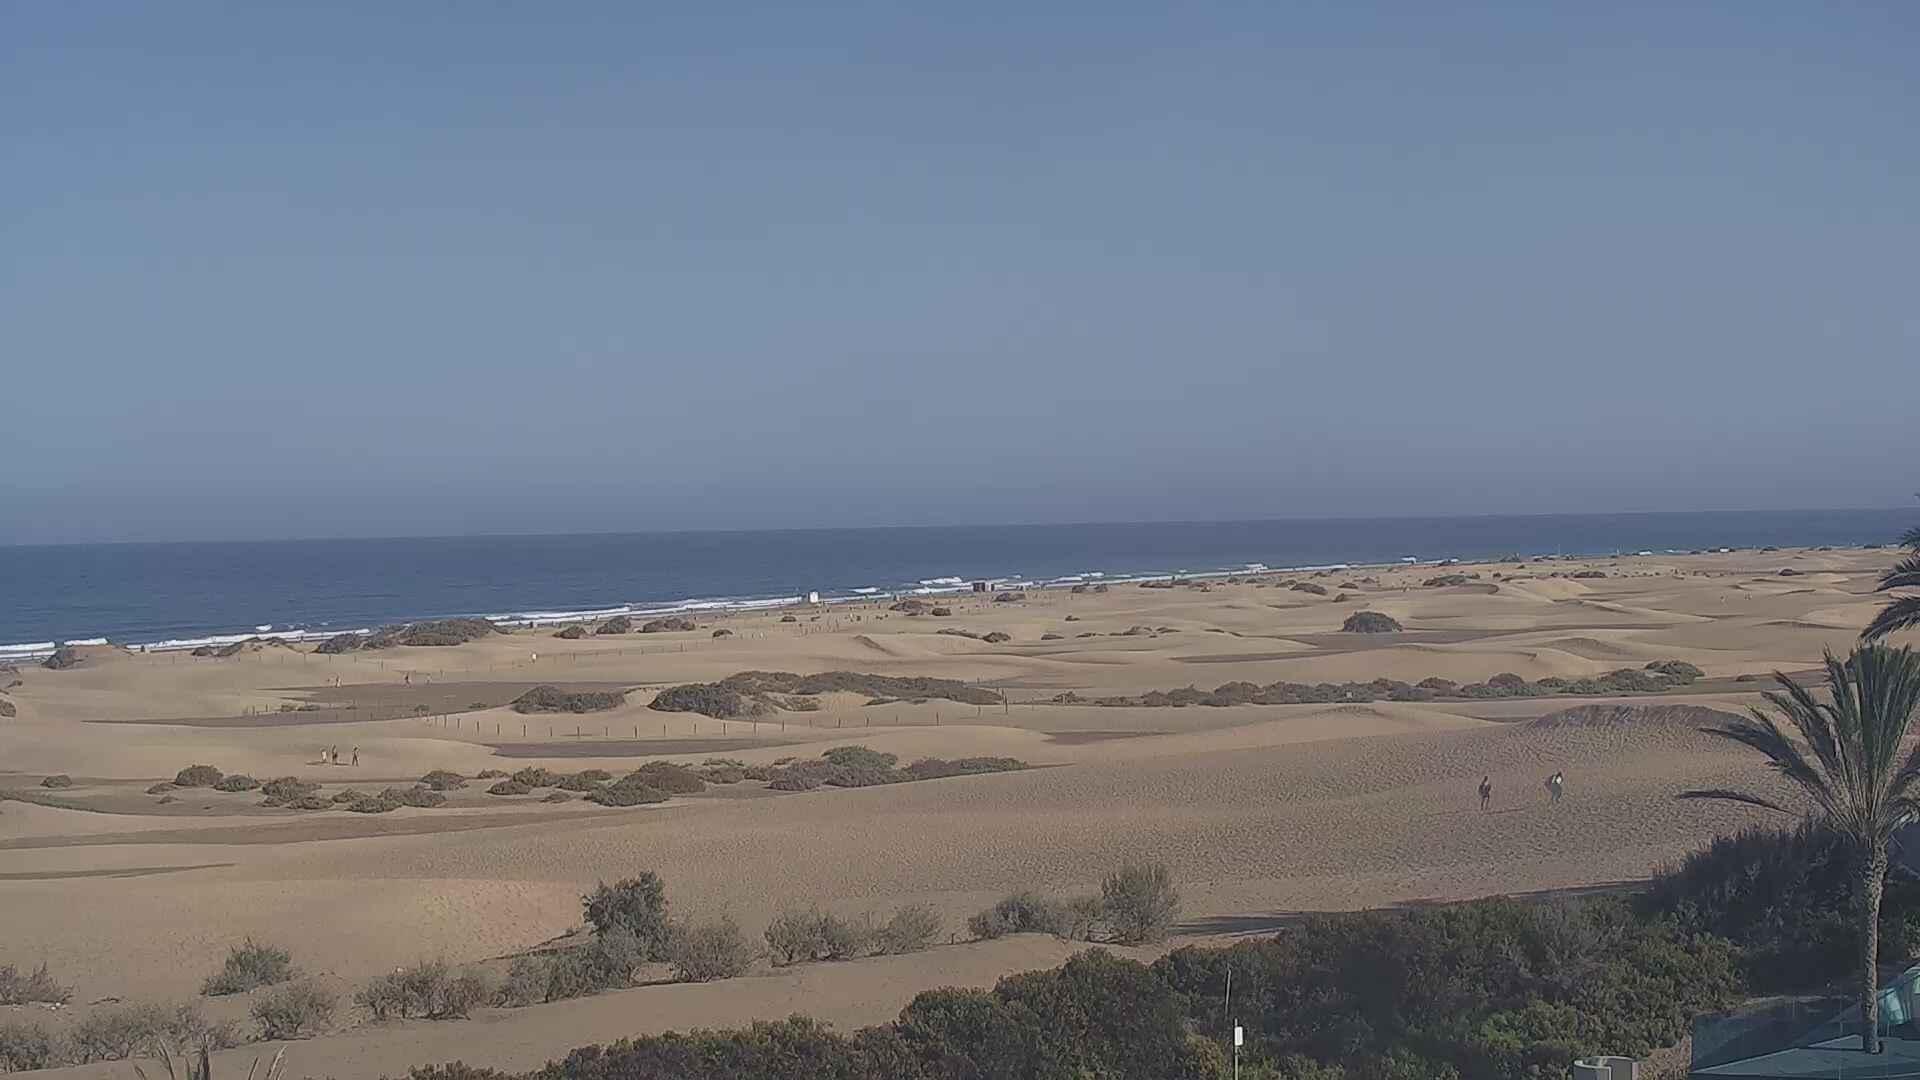 Playa del Ingles (Gran Canaria) Sun. 18:36